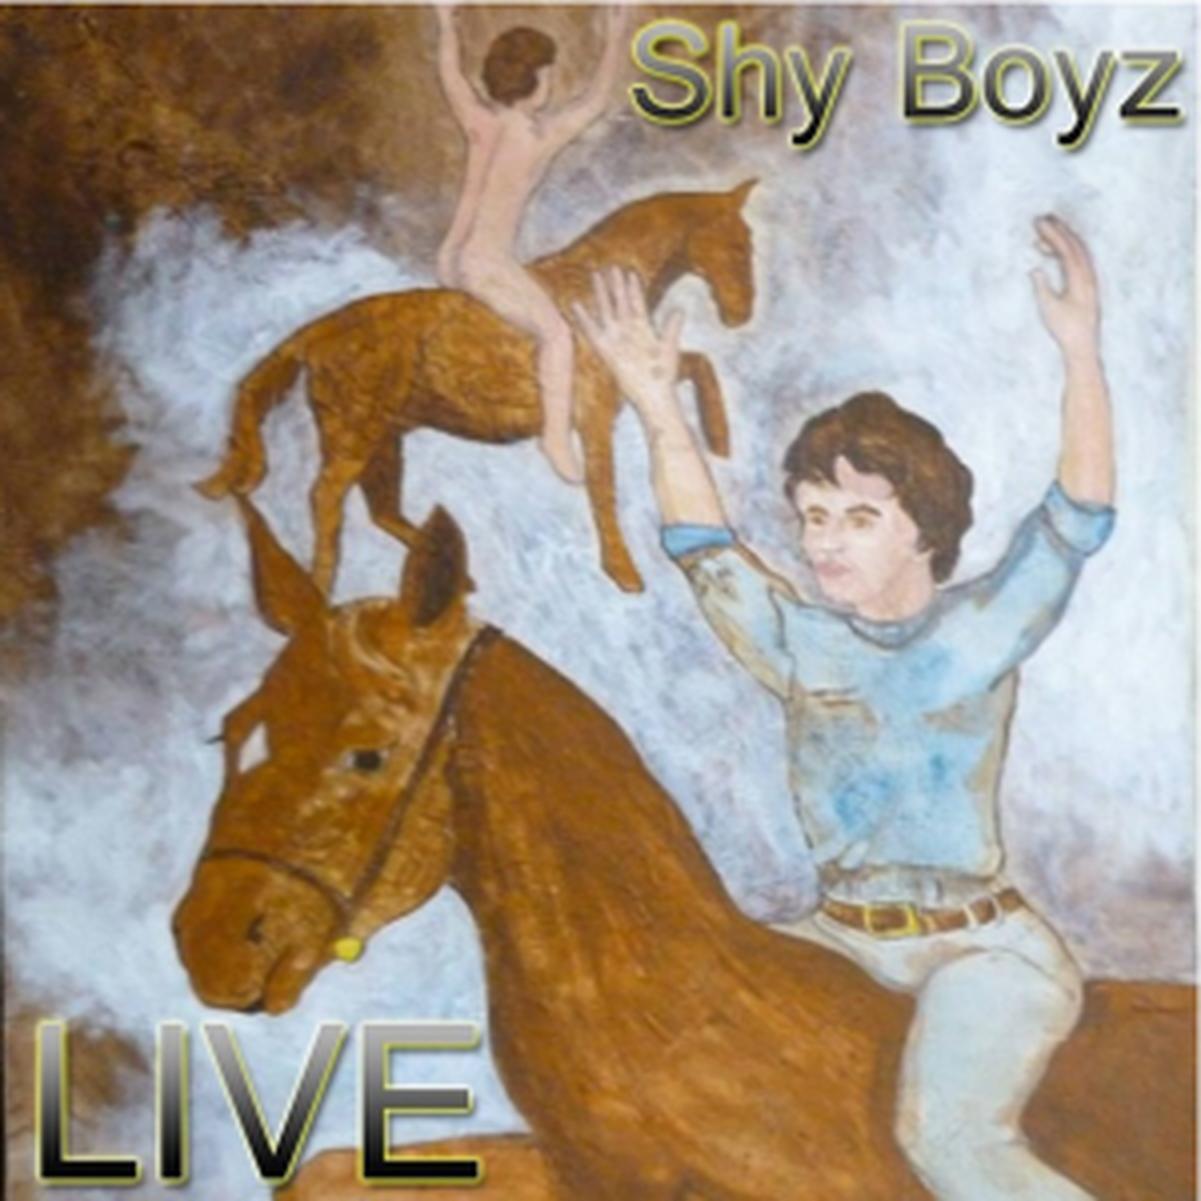 Shy Boyz